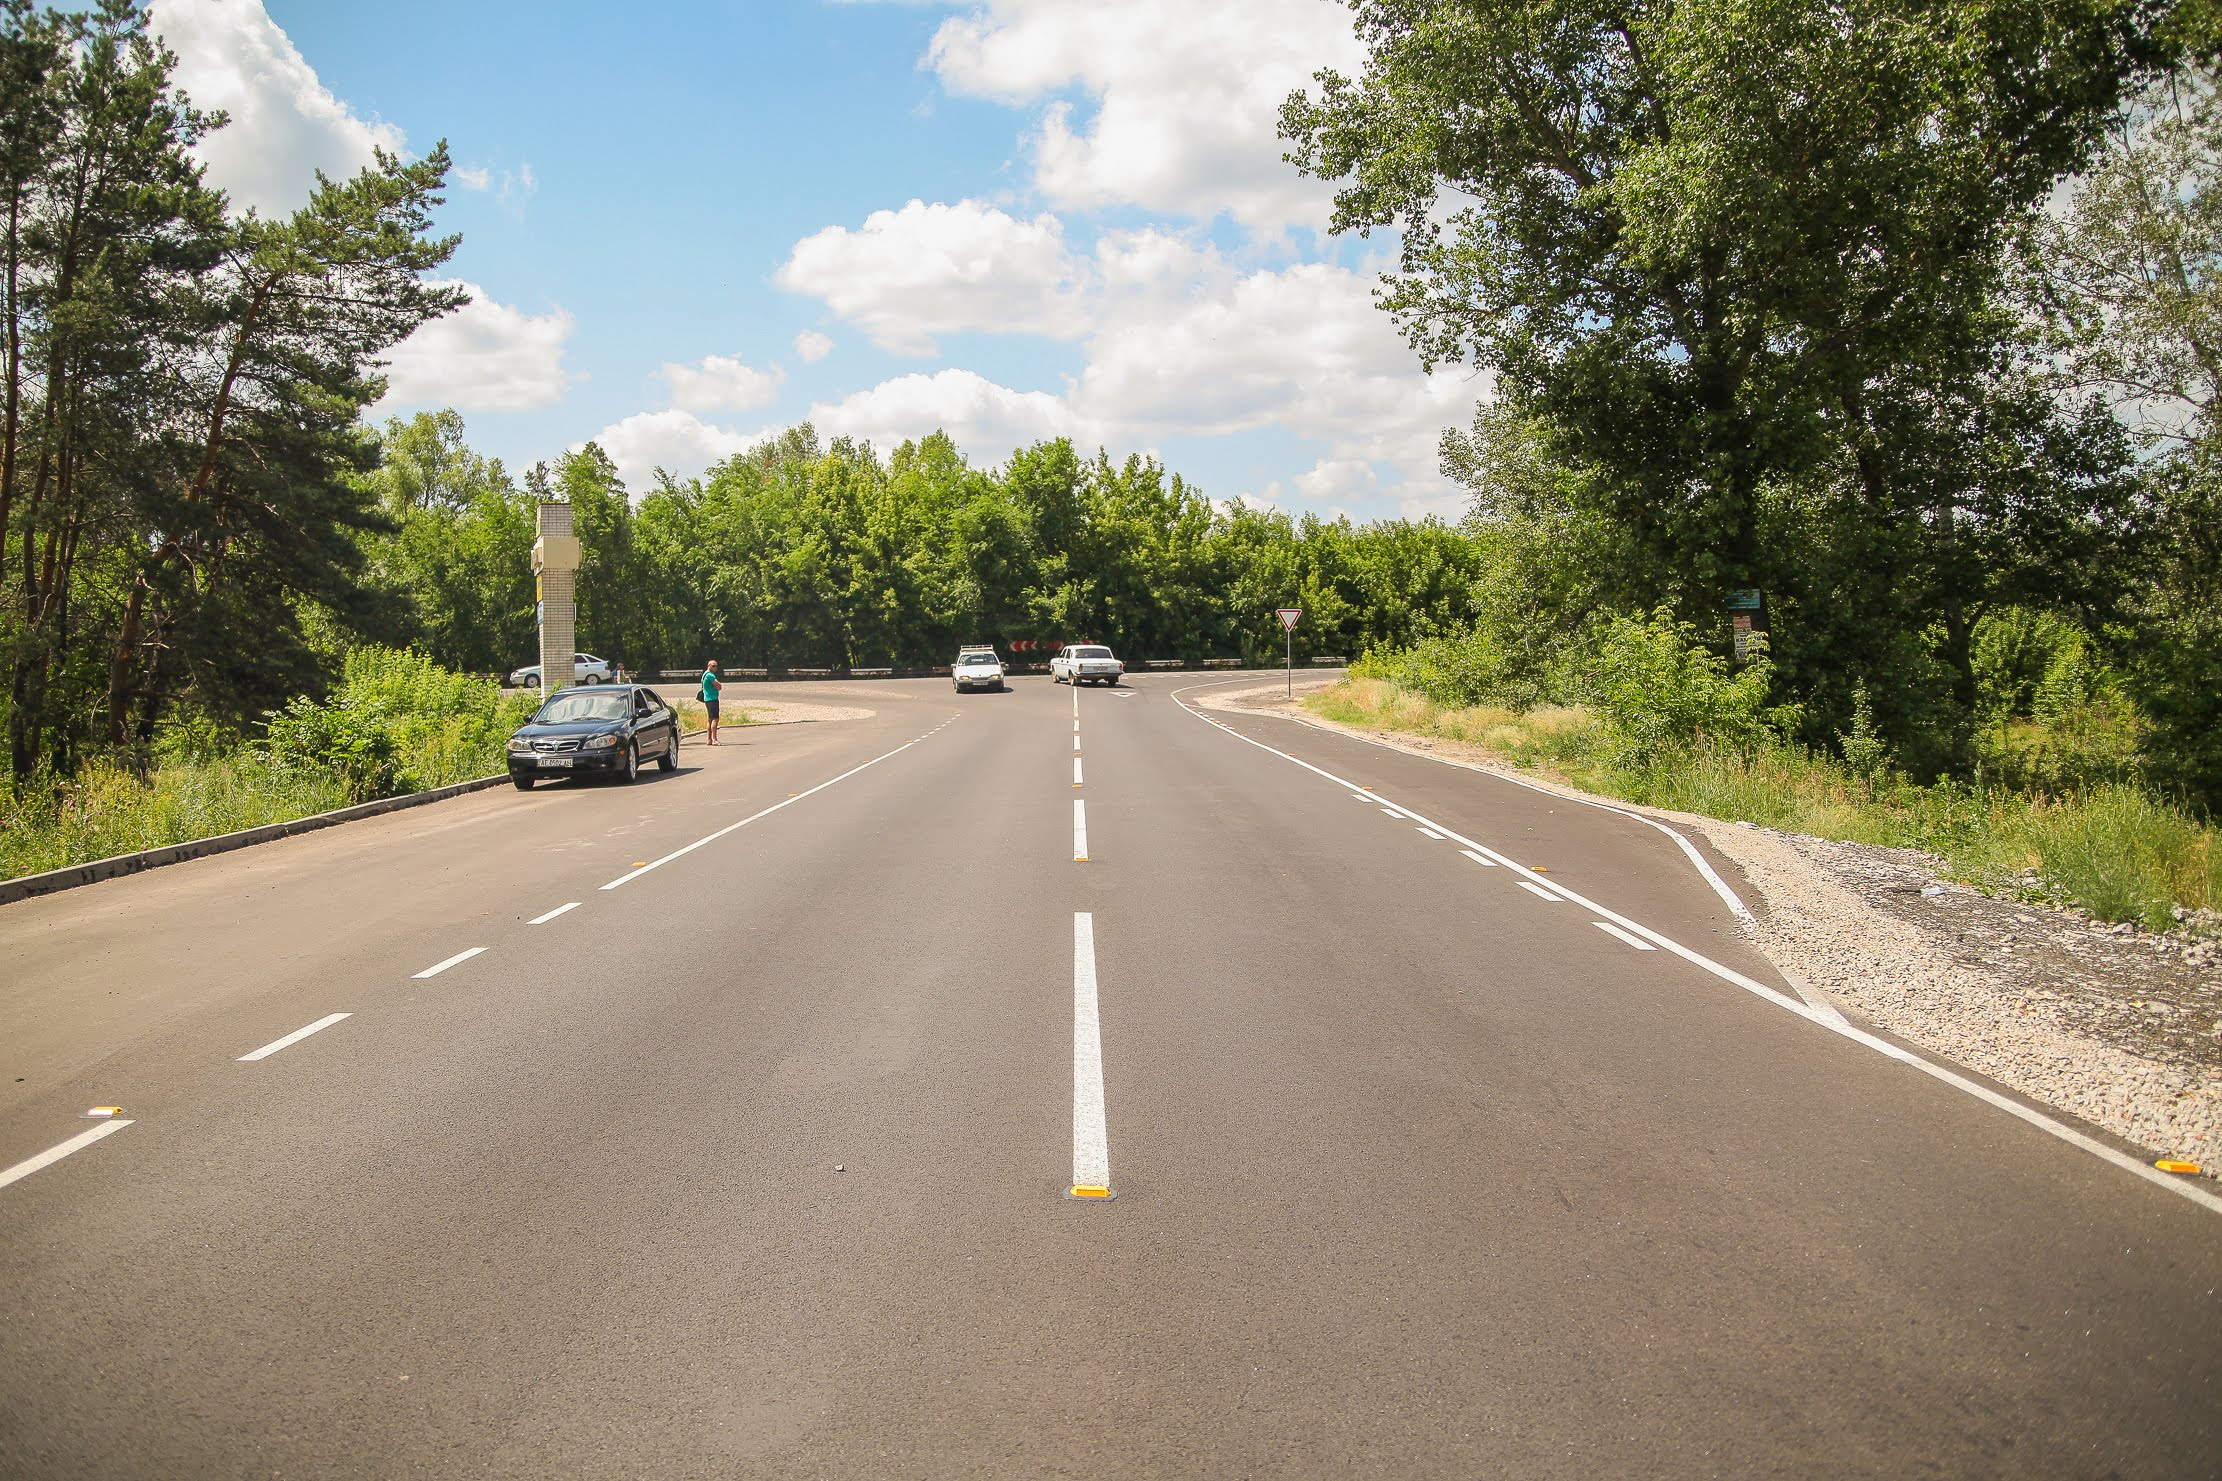 Автошлях Вільне-Гвардійське з'єднує чотири населені пункти Новомосковського району